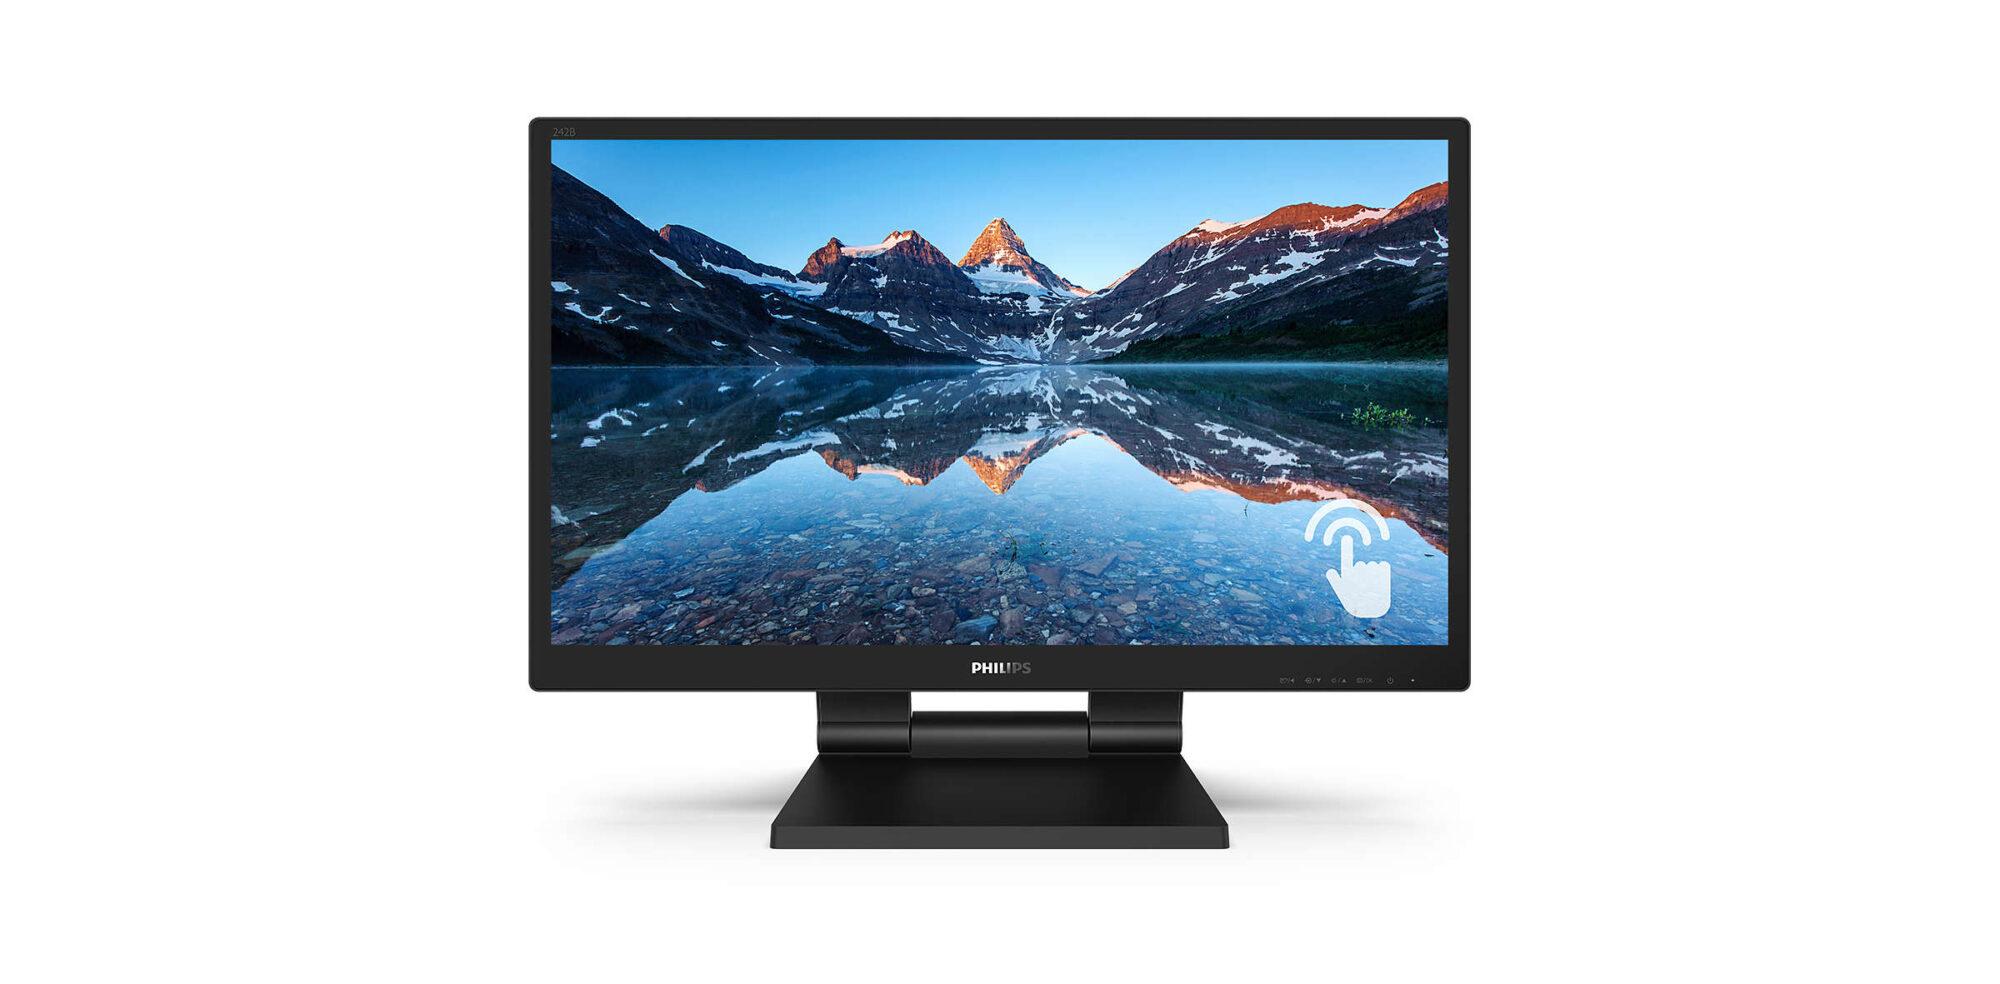 Nuovi monitor Philips: MMD svela la nuova gamma a IFA 2019 thumbnail